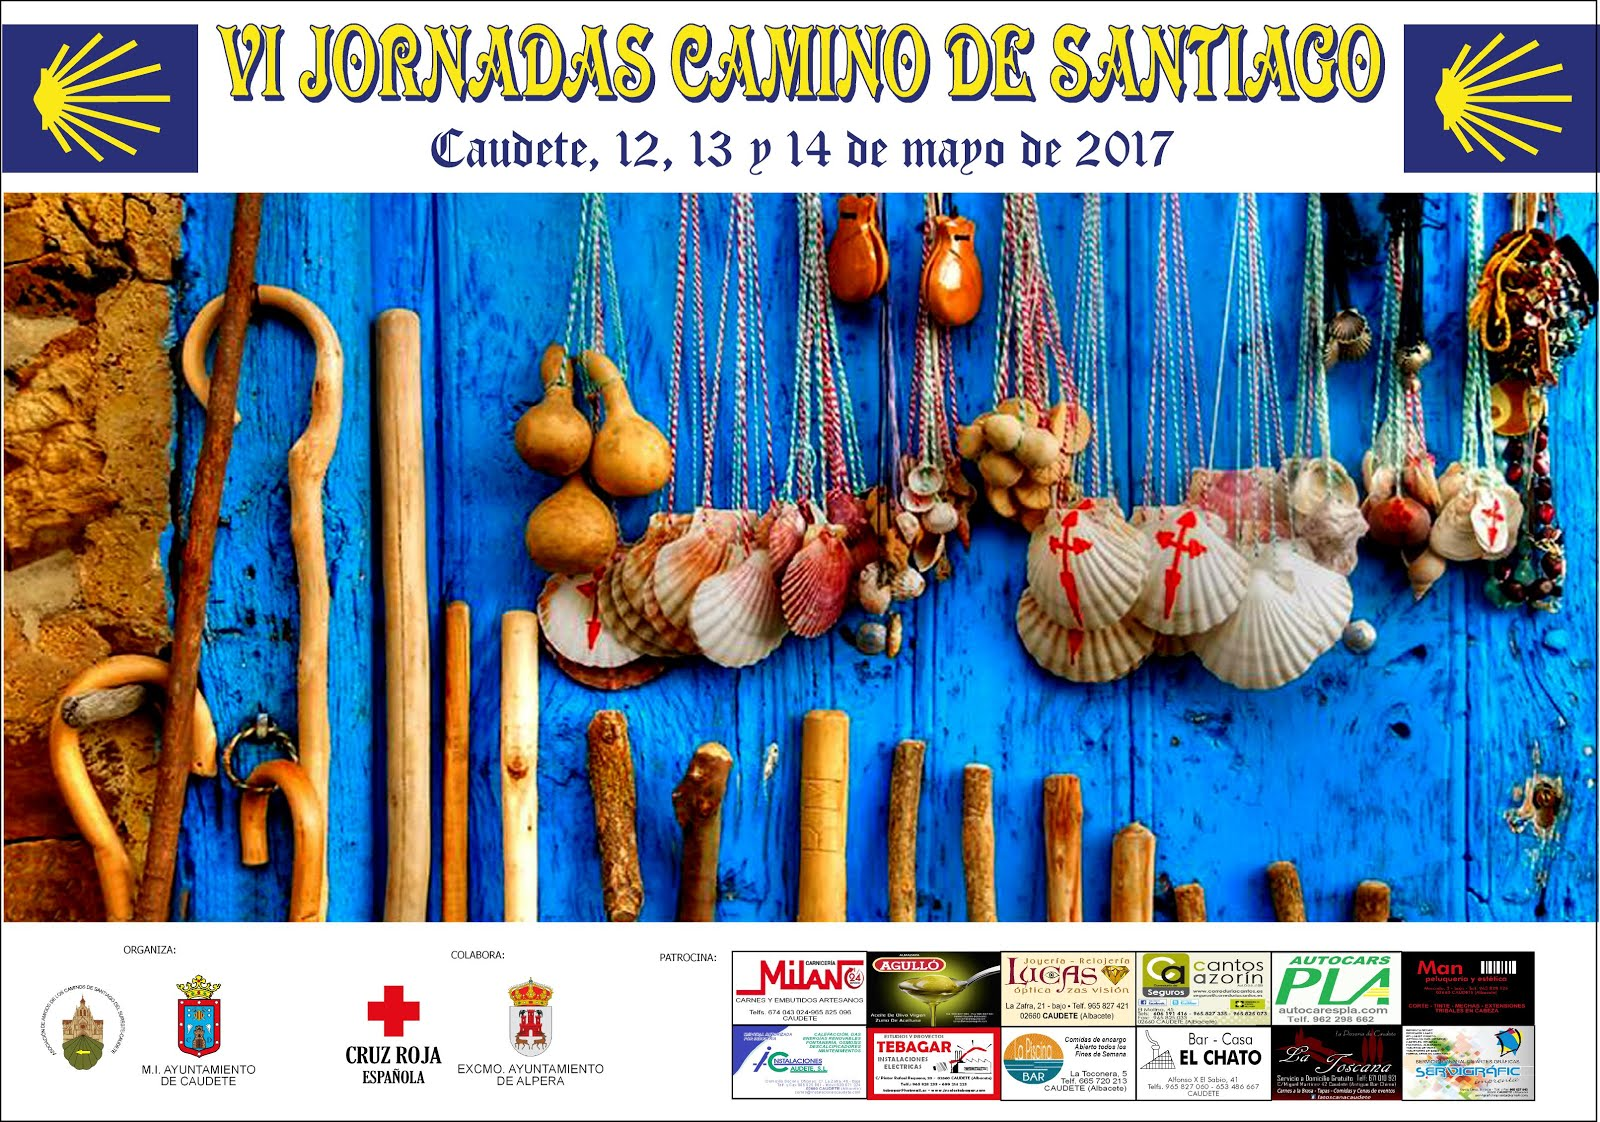 VI JORNADAS DEL CAMINO DE SANTIAGO EN CAUDETE (12, 13 y 14 de mayo, 2017)